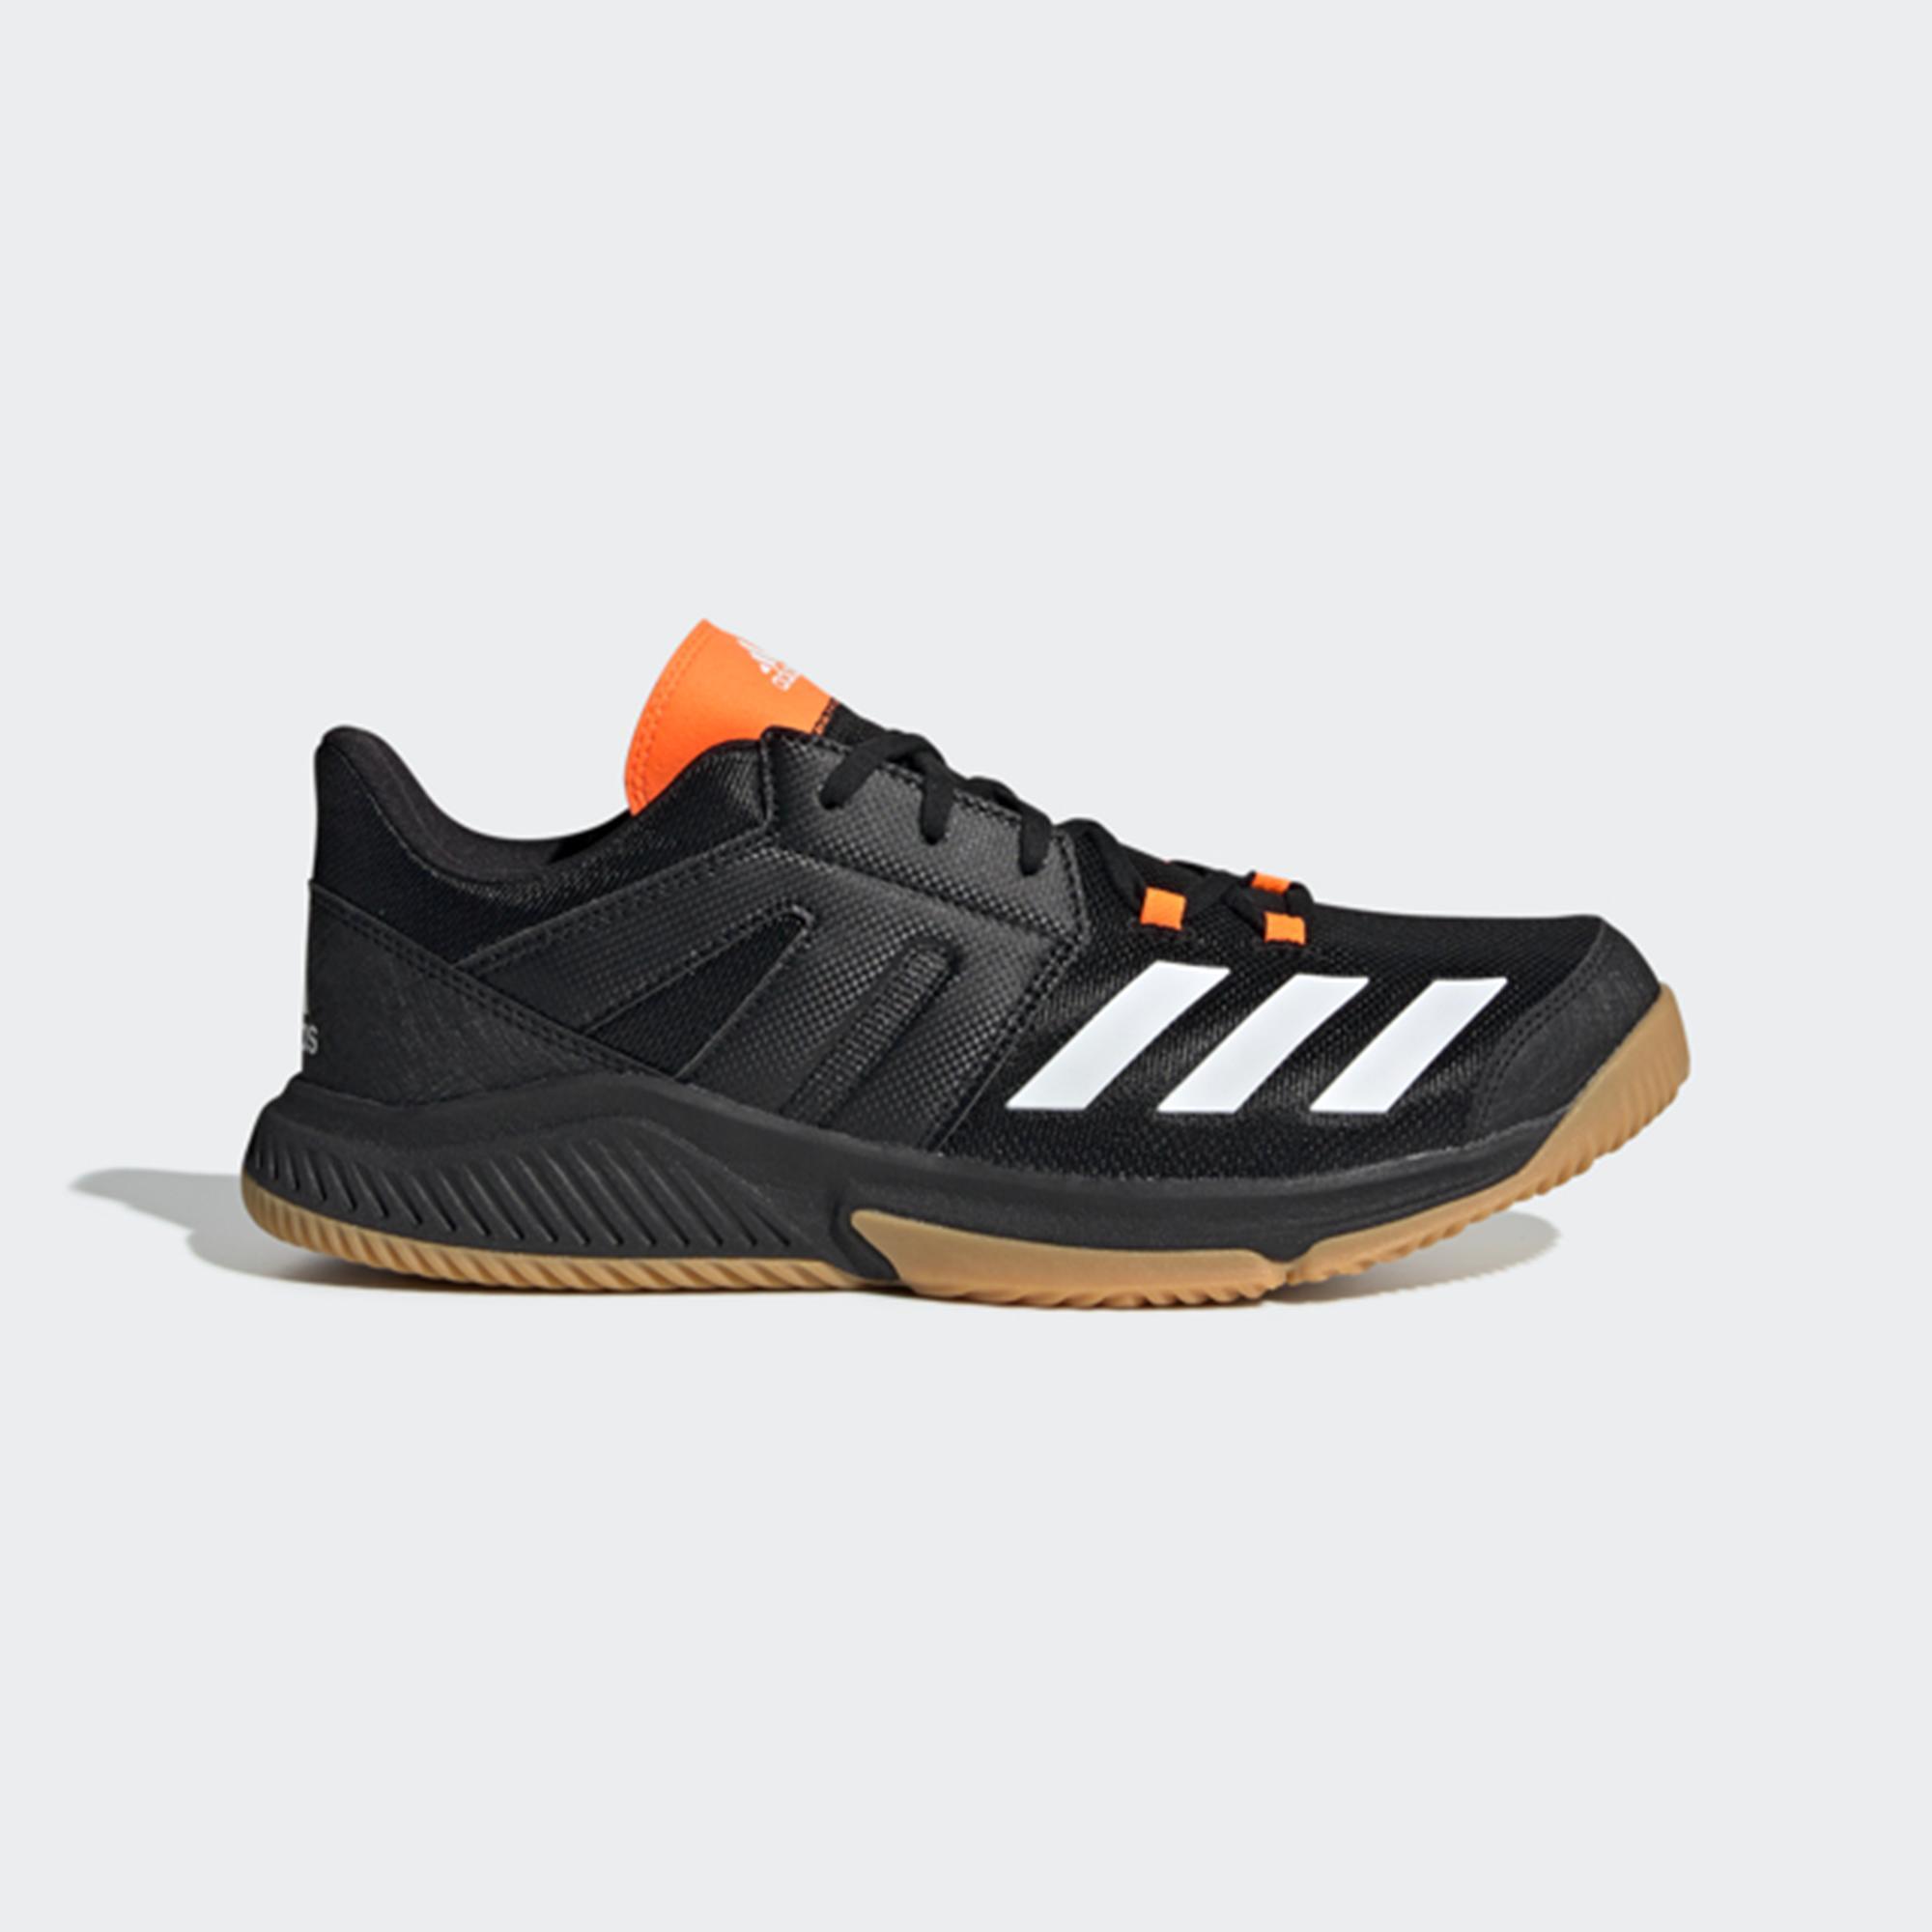 Handballschuhe Essence Erwachsene schwarz/orange | Schuhe > Sportschuhe > Handballschuhe | Adidas